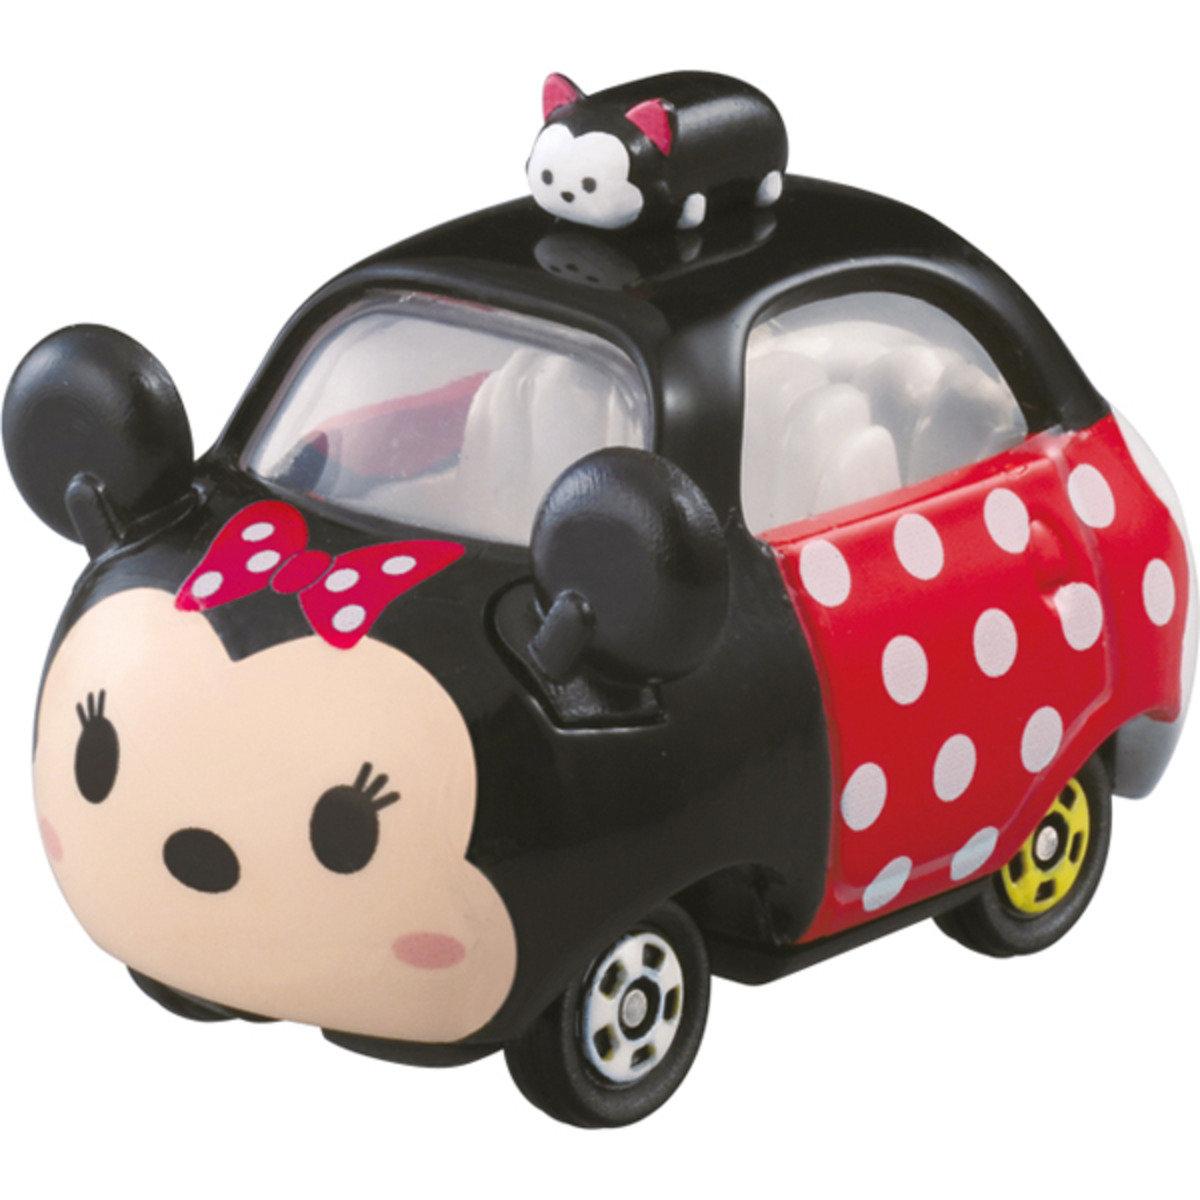 DMT-04 Disney Tsum Tsum Minnie Mouse Tsum Top